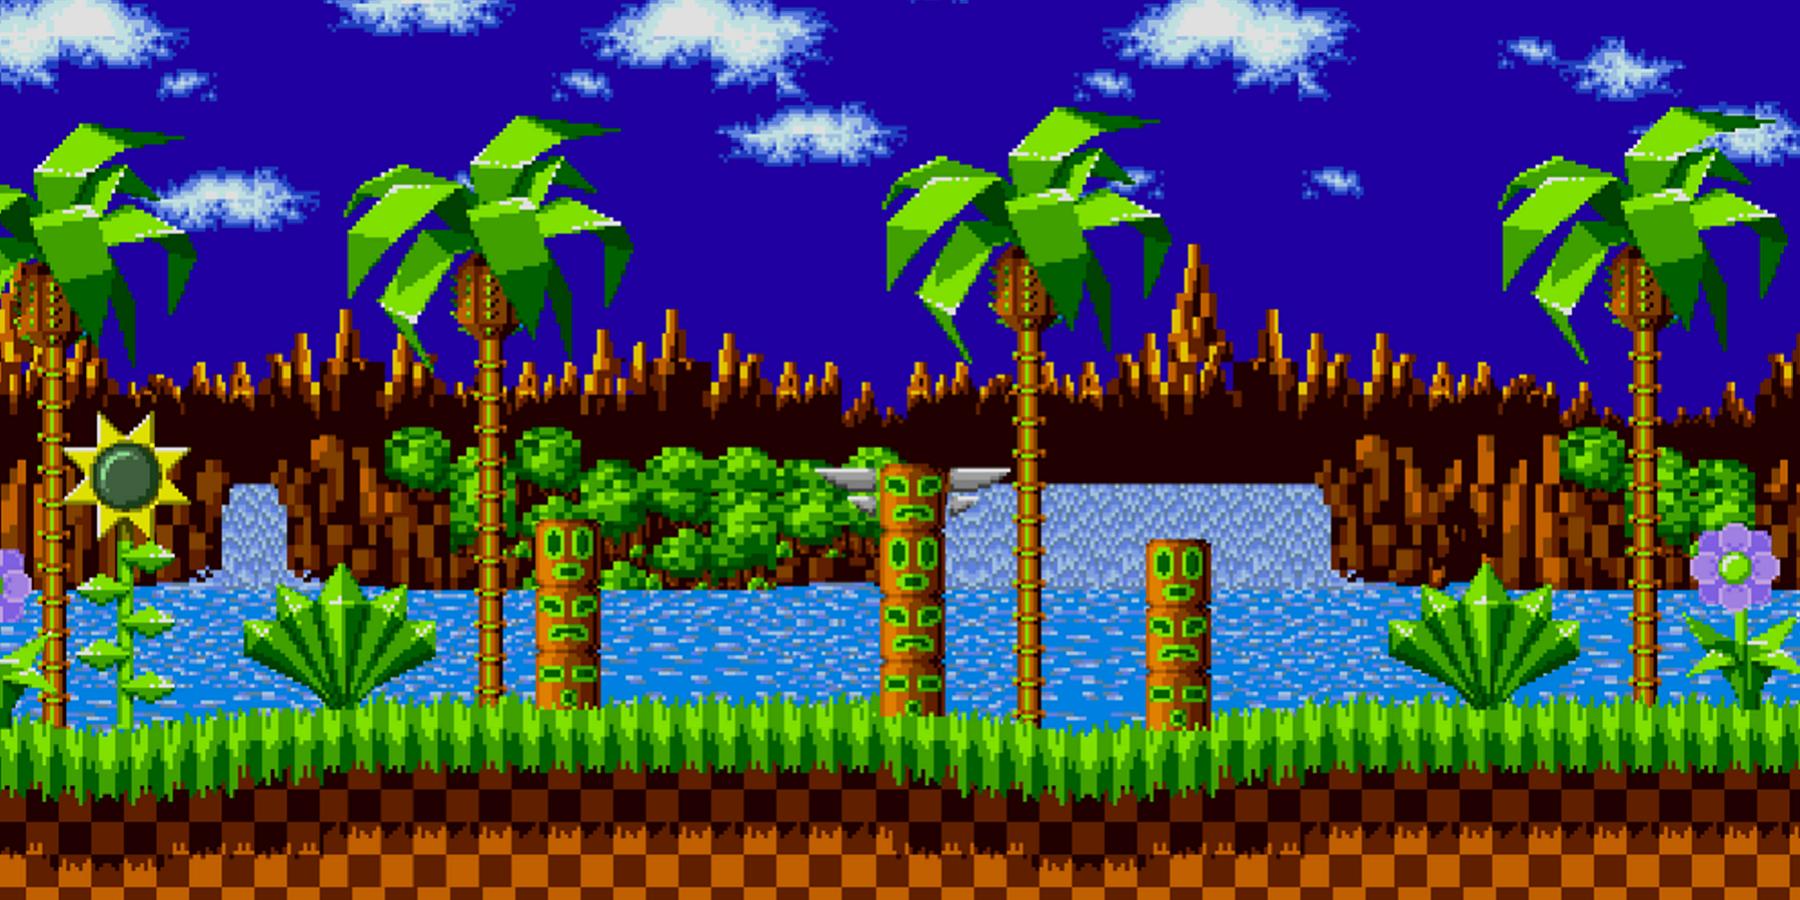 Explicação das novas letras oficiais da Green Hill Zone de Sonic the Hedgehog 2